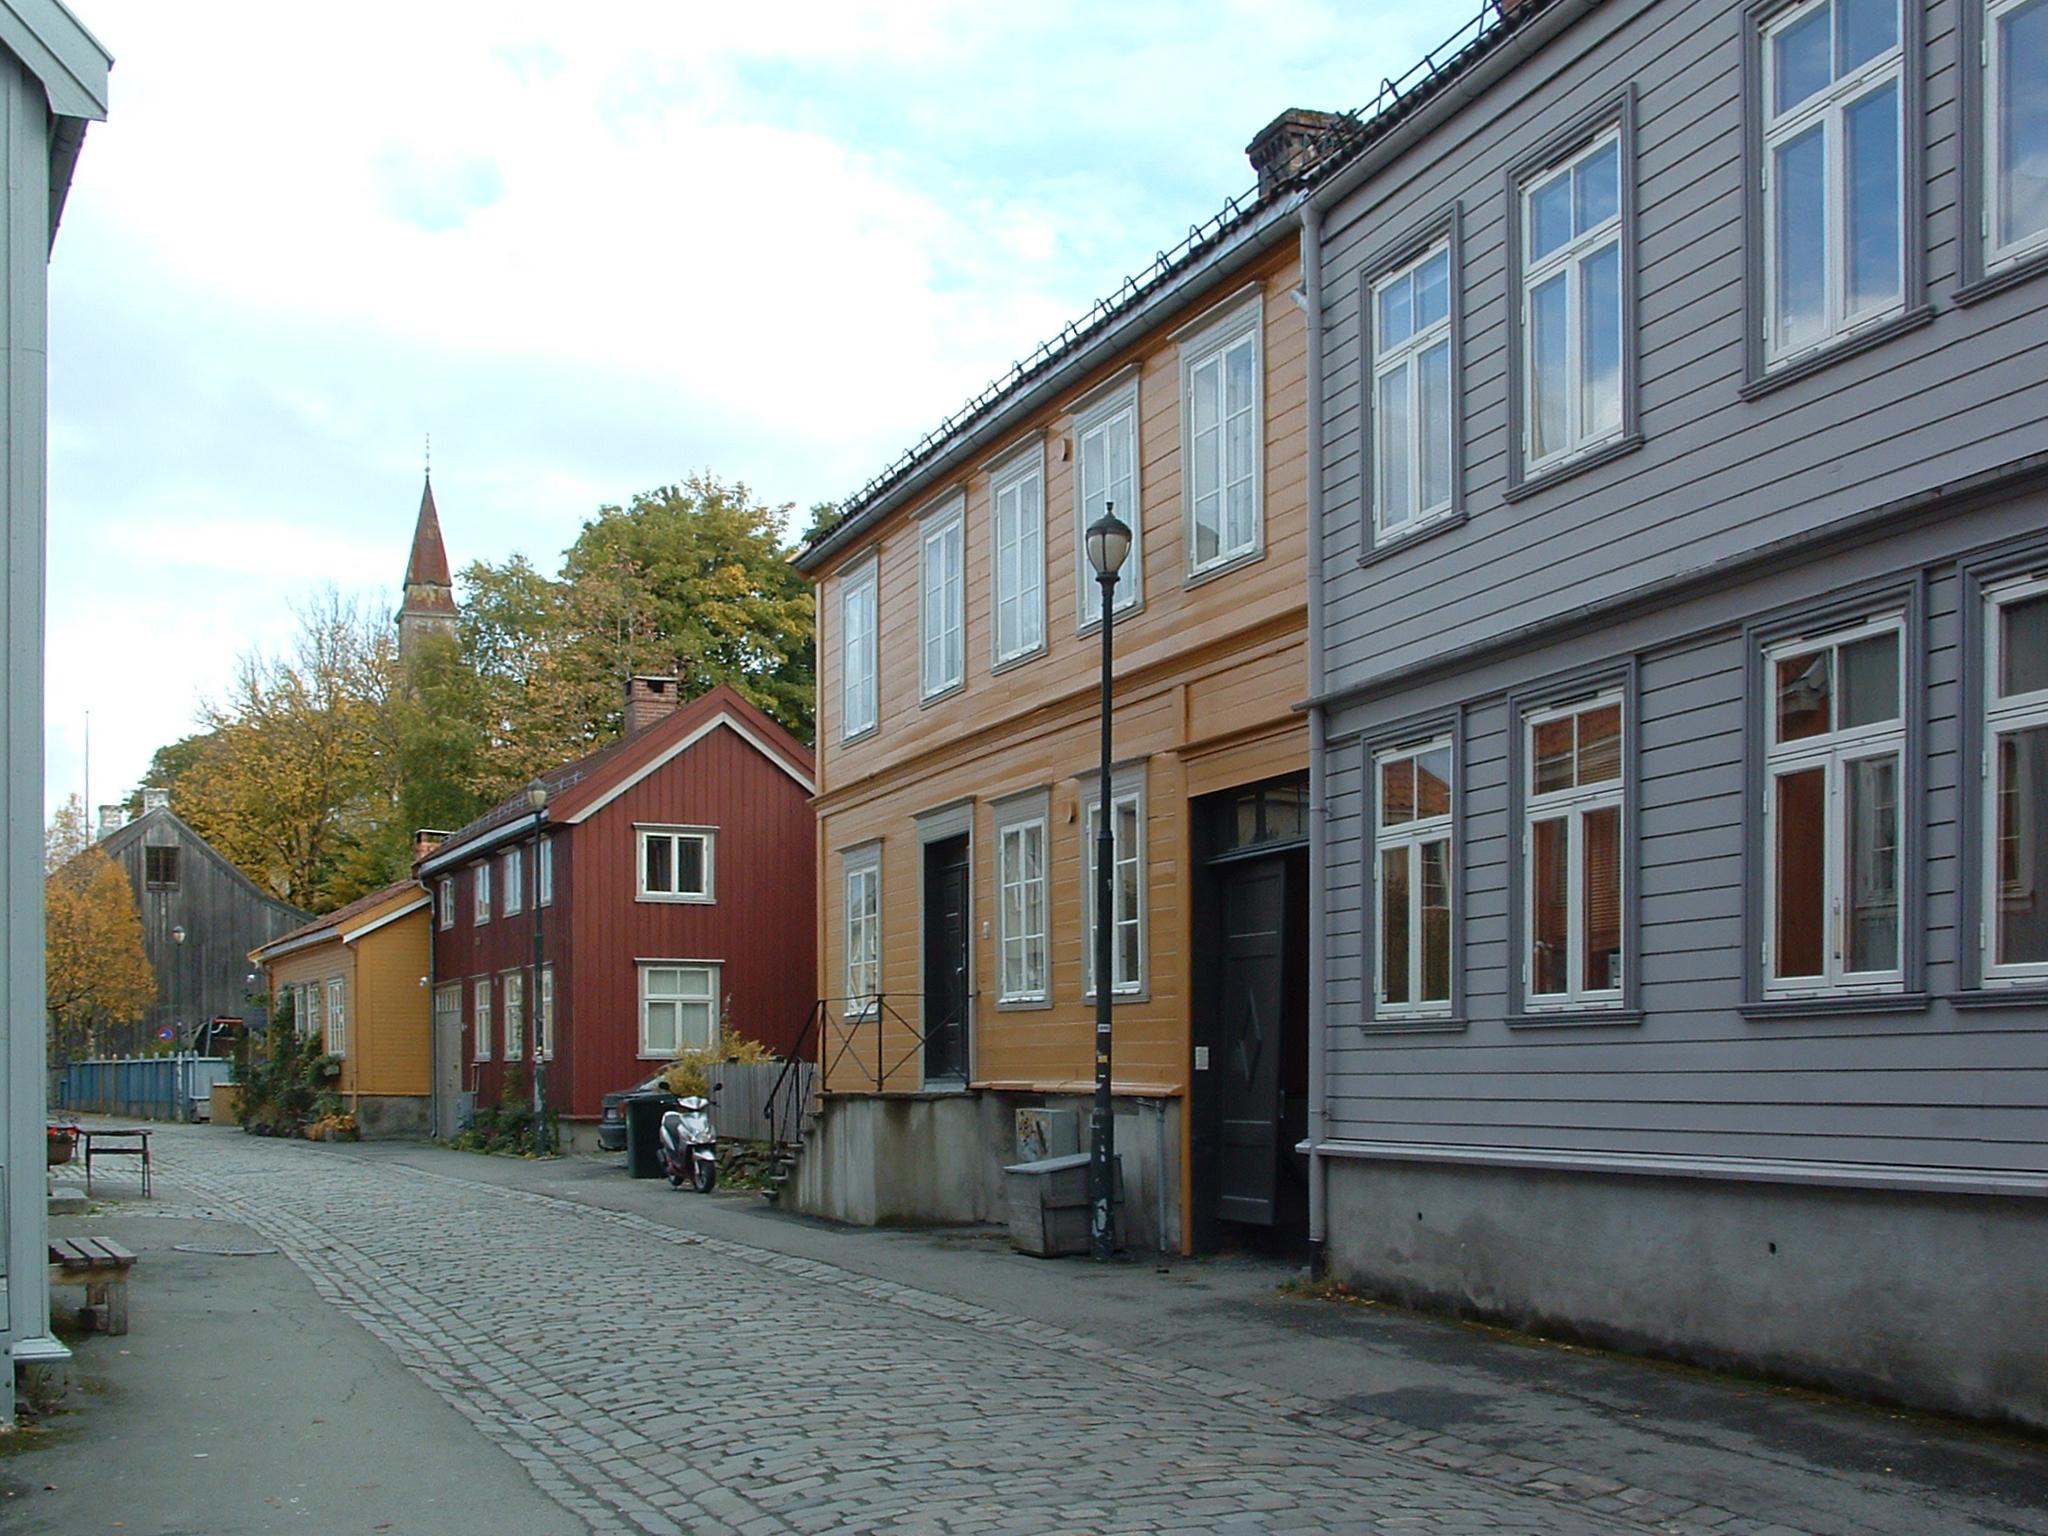 Hva er mest miljøvennlig - et gammelt laftehus eller et nytt lavenergibygg? Riksantikvaren har fått gjennomført en sammenligning av to slike hus. Det gamle huset kom svært godt ut. På bildet ser vi det gamle huset på Bakklandet i Trondheim som undersøkelsen tok utgangspunkt i. Foto: Marte Boro / Riksantikvaren